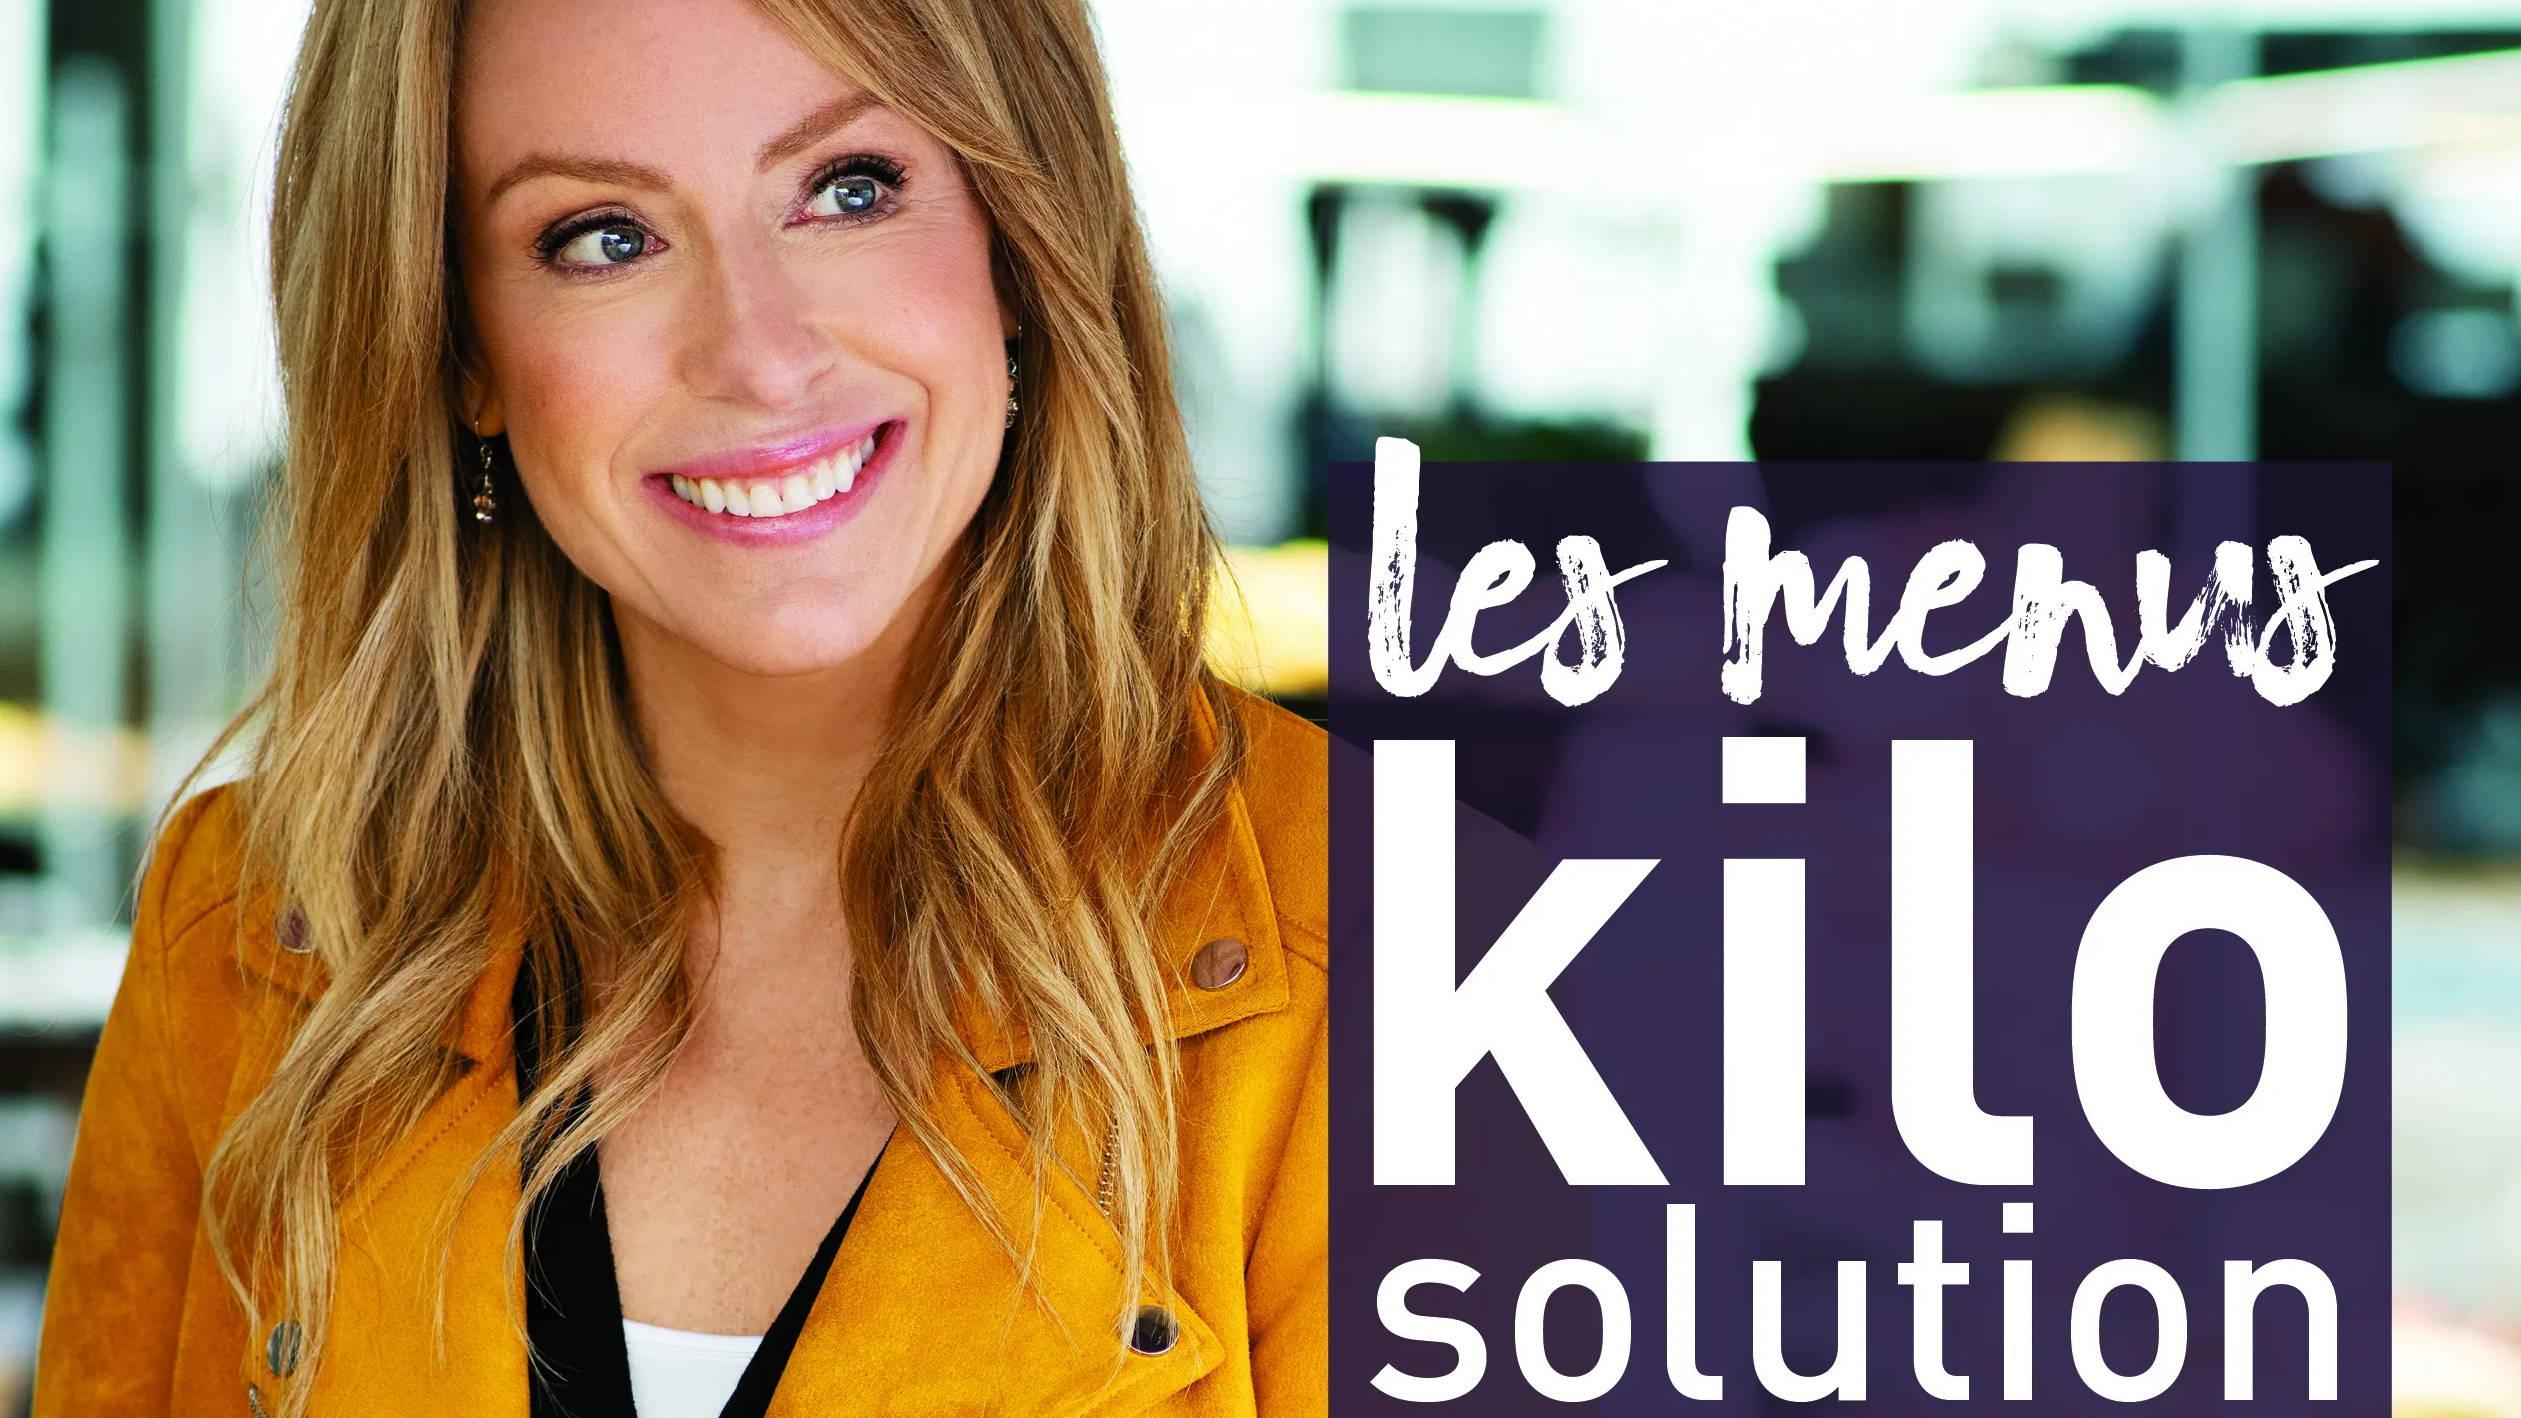 Livre menus kilo solution de Isabelle Huot, dans un article du Huffington Post